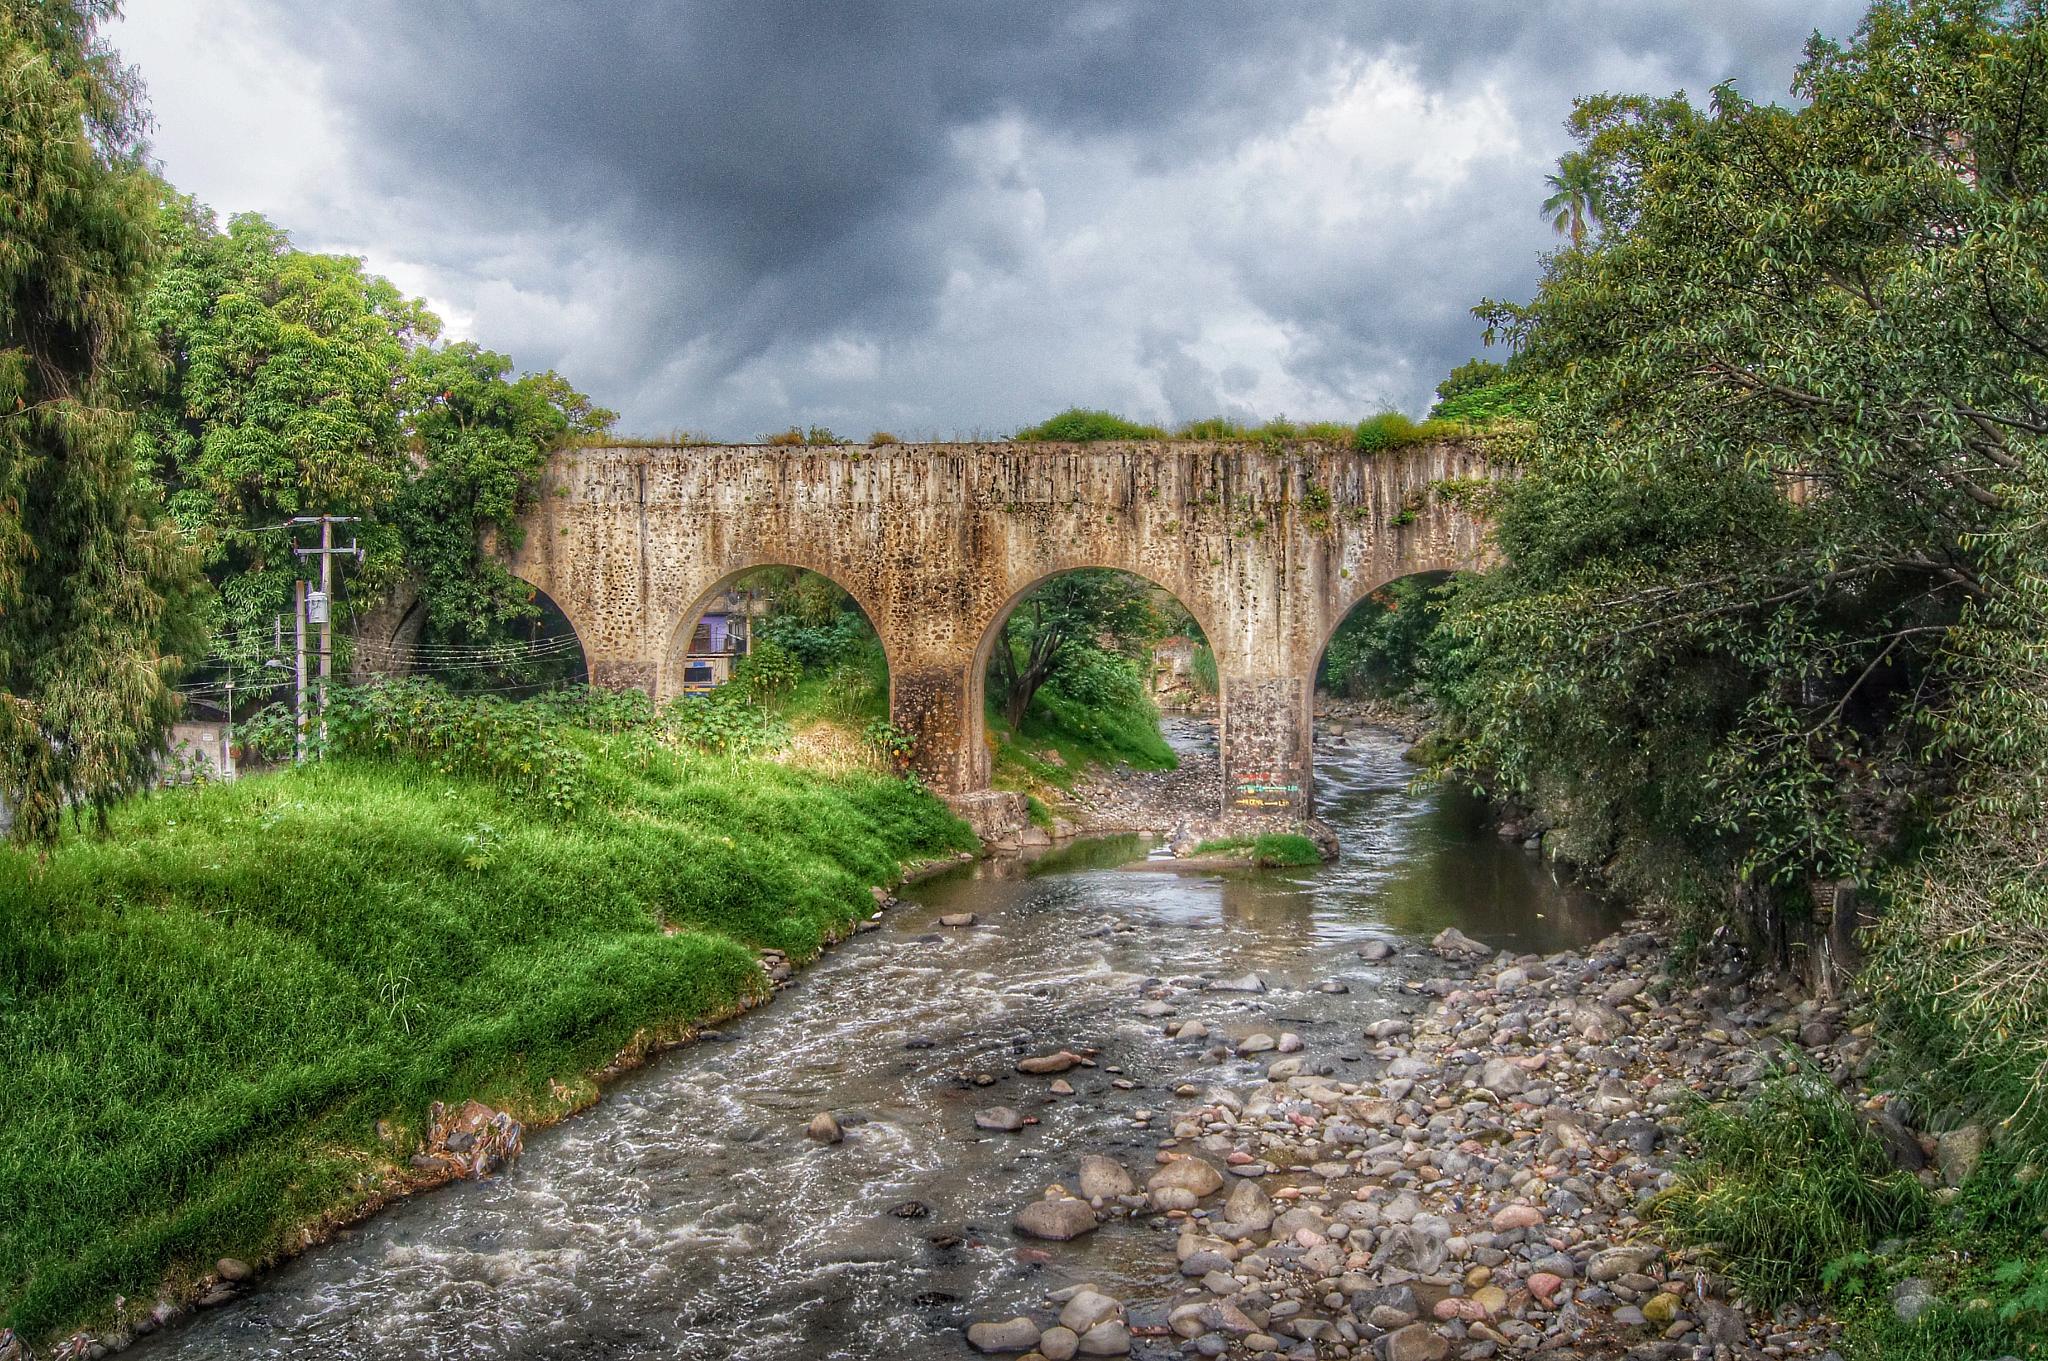 El viejo Puente  by Hector Hernandez Lagunas